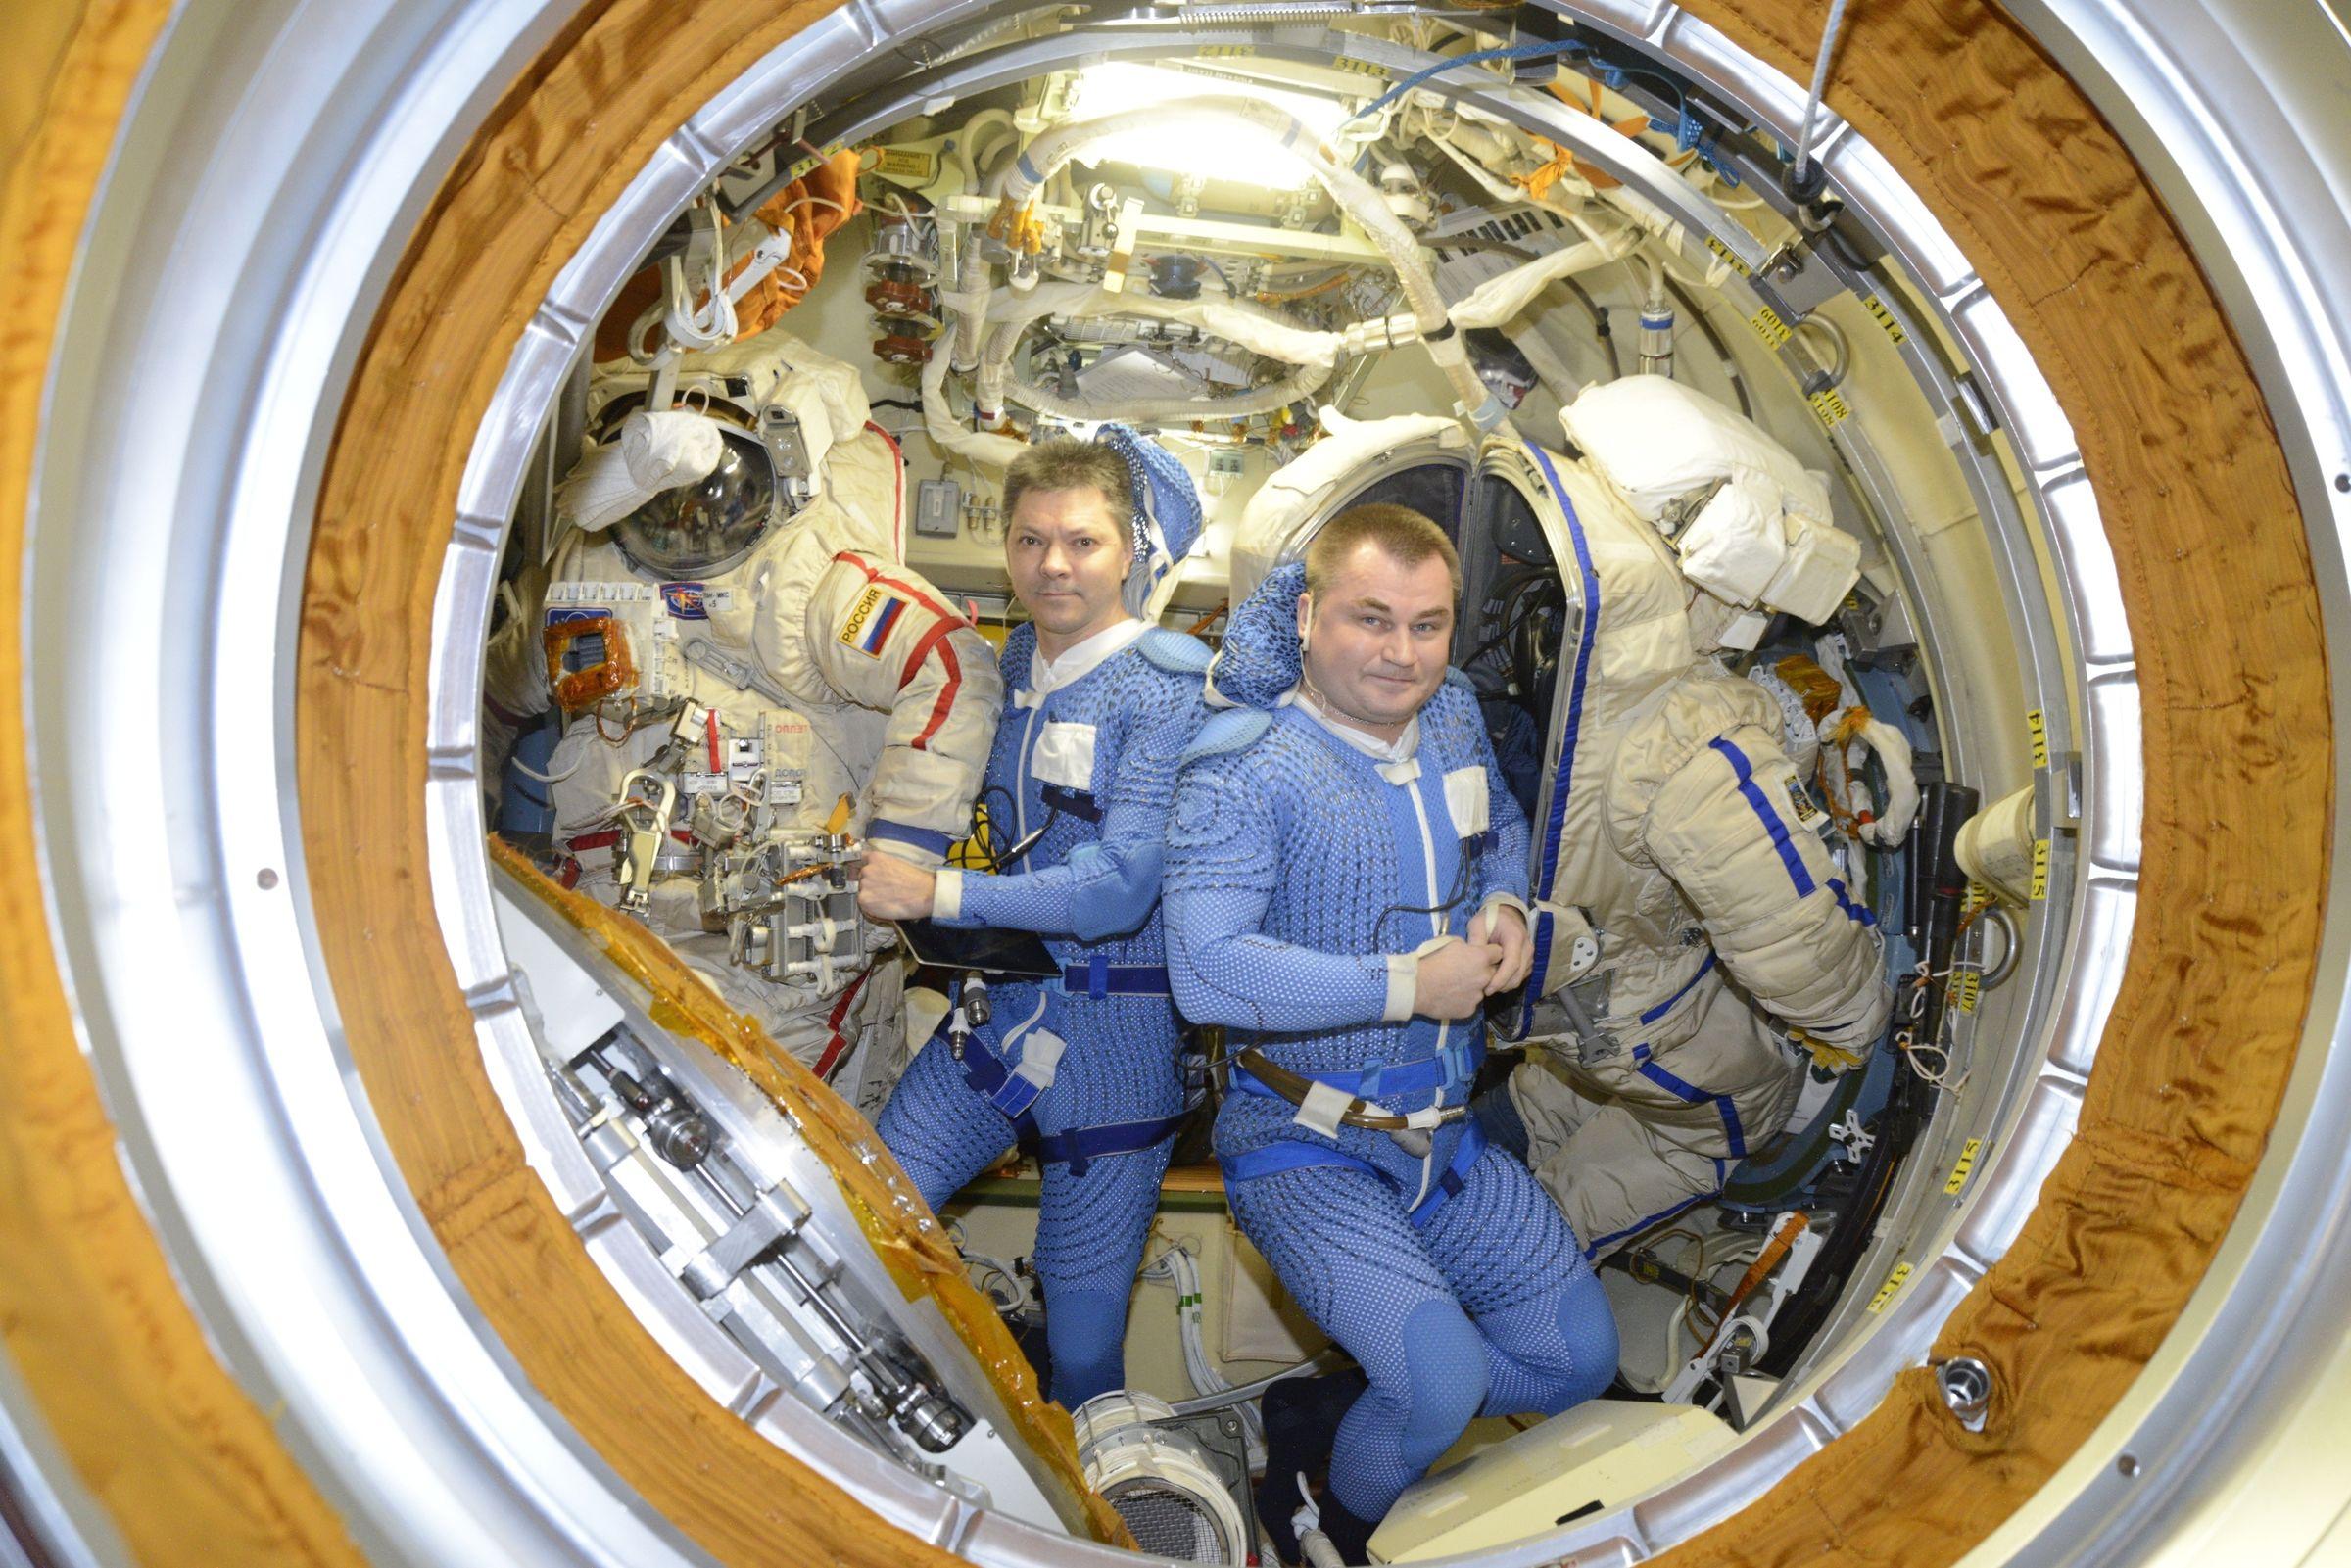 Рыбинский космонавт Алексей Овчинин готовится выйти в открытый космос